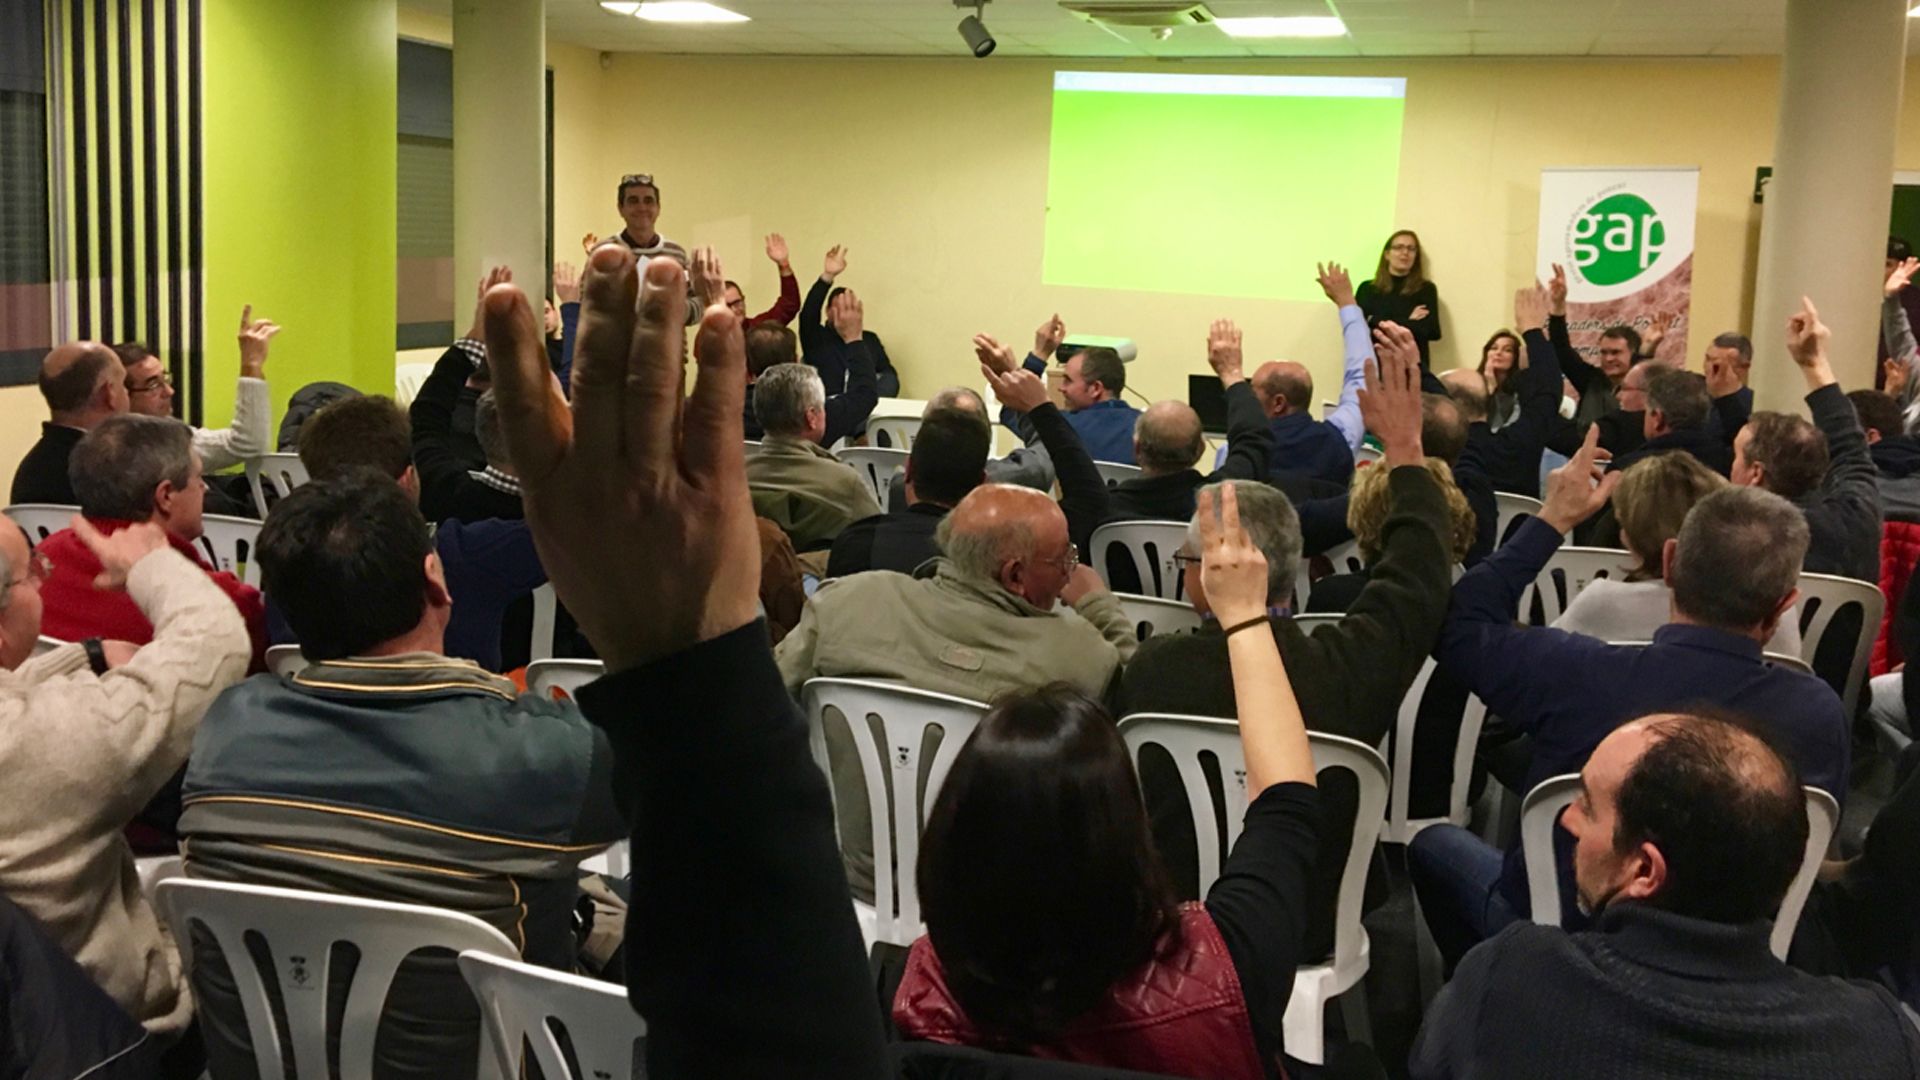 Els socis del GAP aproven en assemblea la creació de la Fundació Ara Garrigues